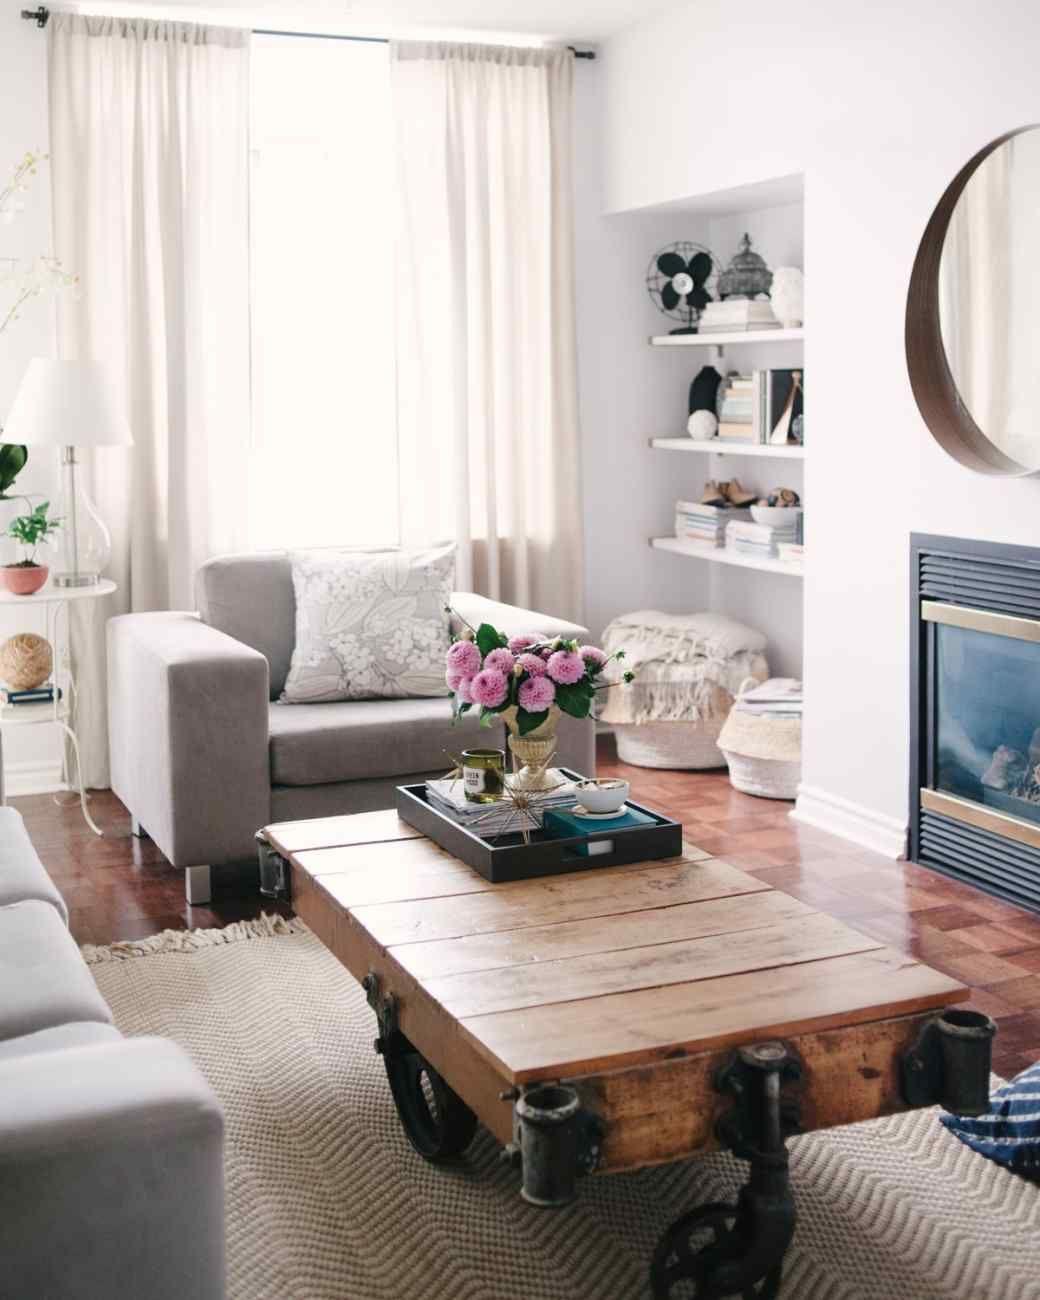 Design Lessons In Cohabitation An Interior Designer S Feminine Touch Meets Her Boyfriend Moor Aesthetic Martha Living